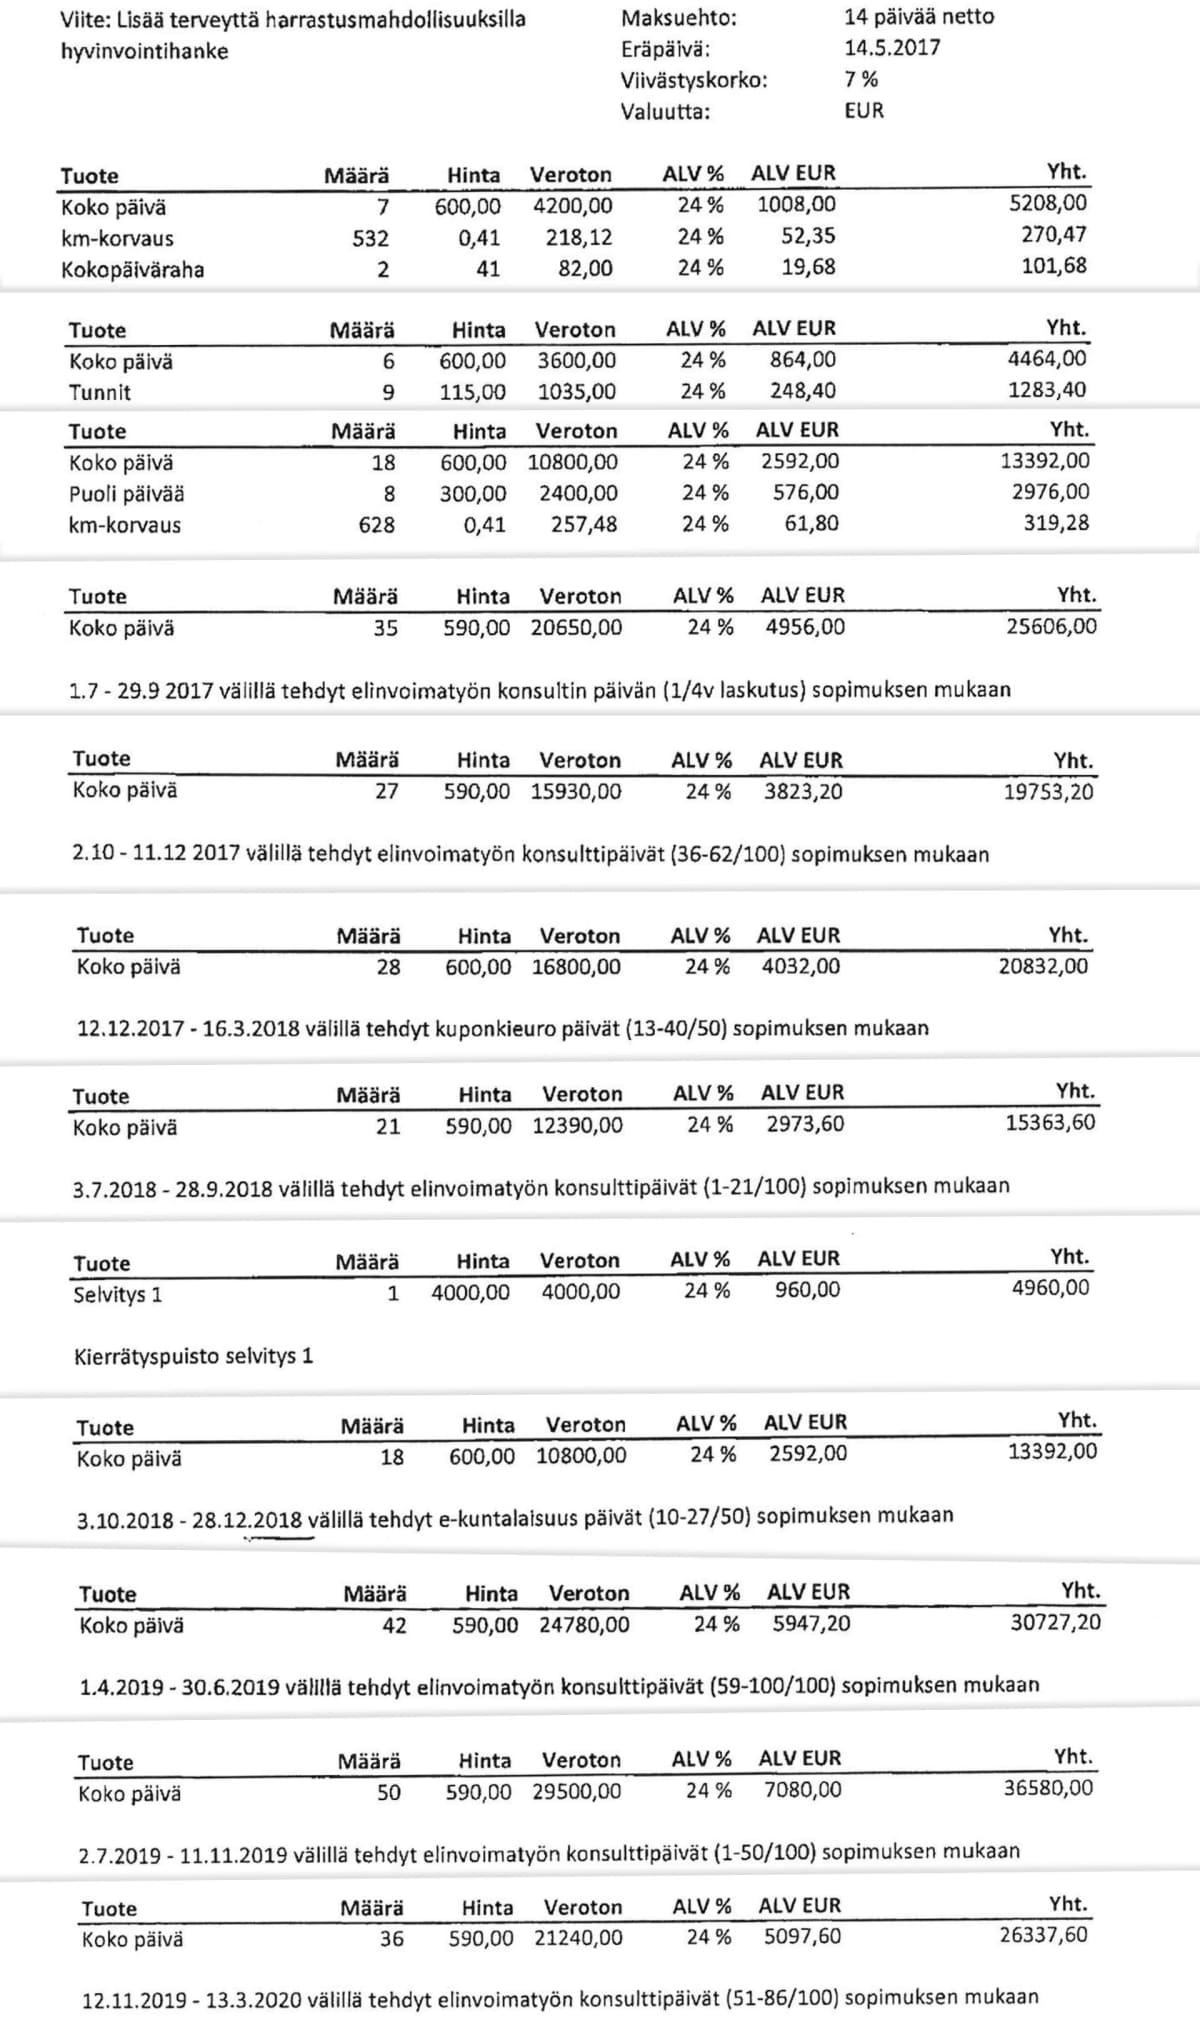 Kuvaan on yhdistelty tietoja laskuista, joita Kuntavelho-yritys lähetti Sysmän kunnalle erinäisiin hankkeisiin liittyen  vuosina 2017 – 2020.